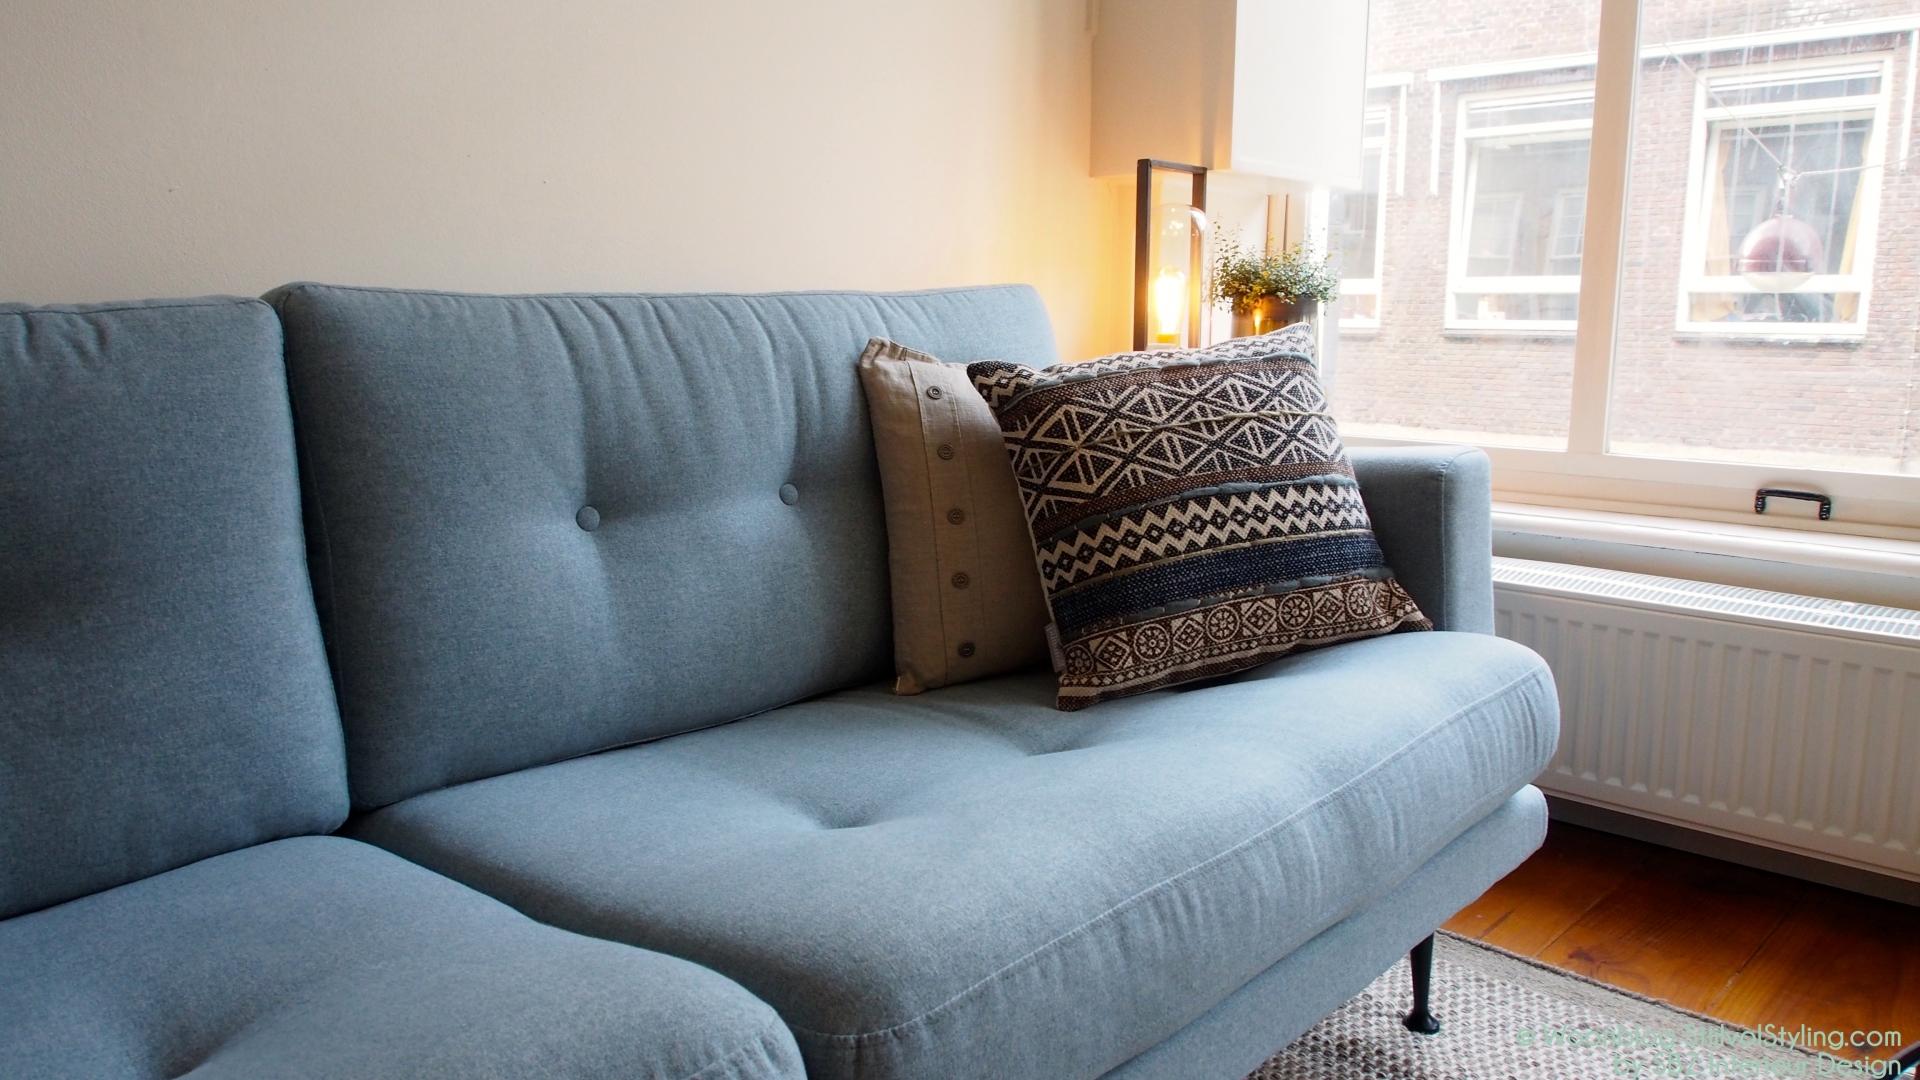 Woonkamer Stijlvol Inrichten : Stijlvol en tijdloos je woonkamer scandinavisch inrichten